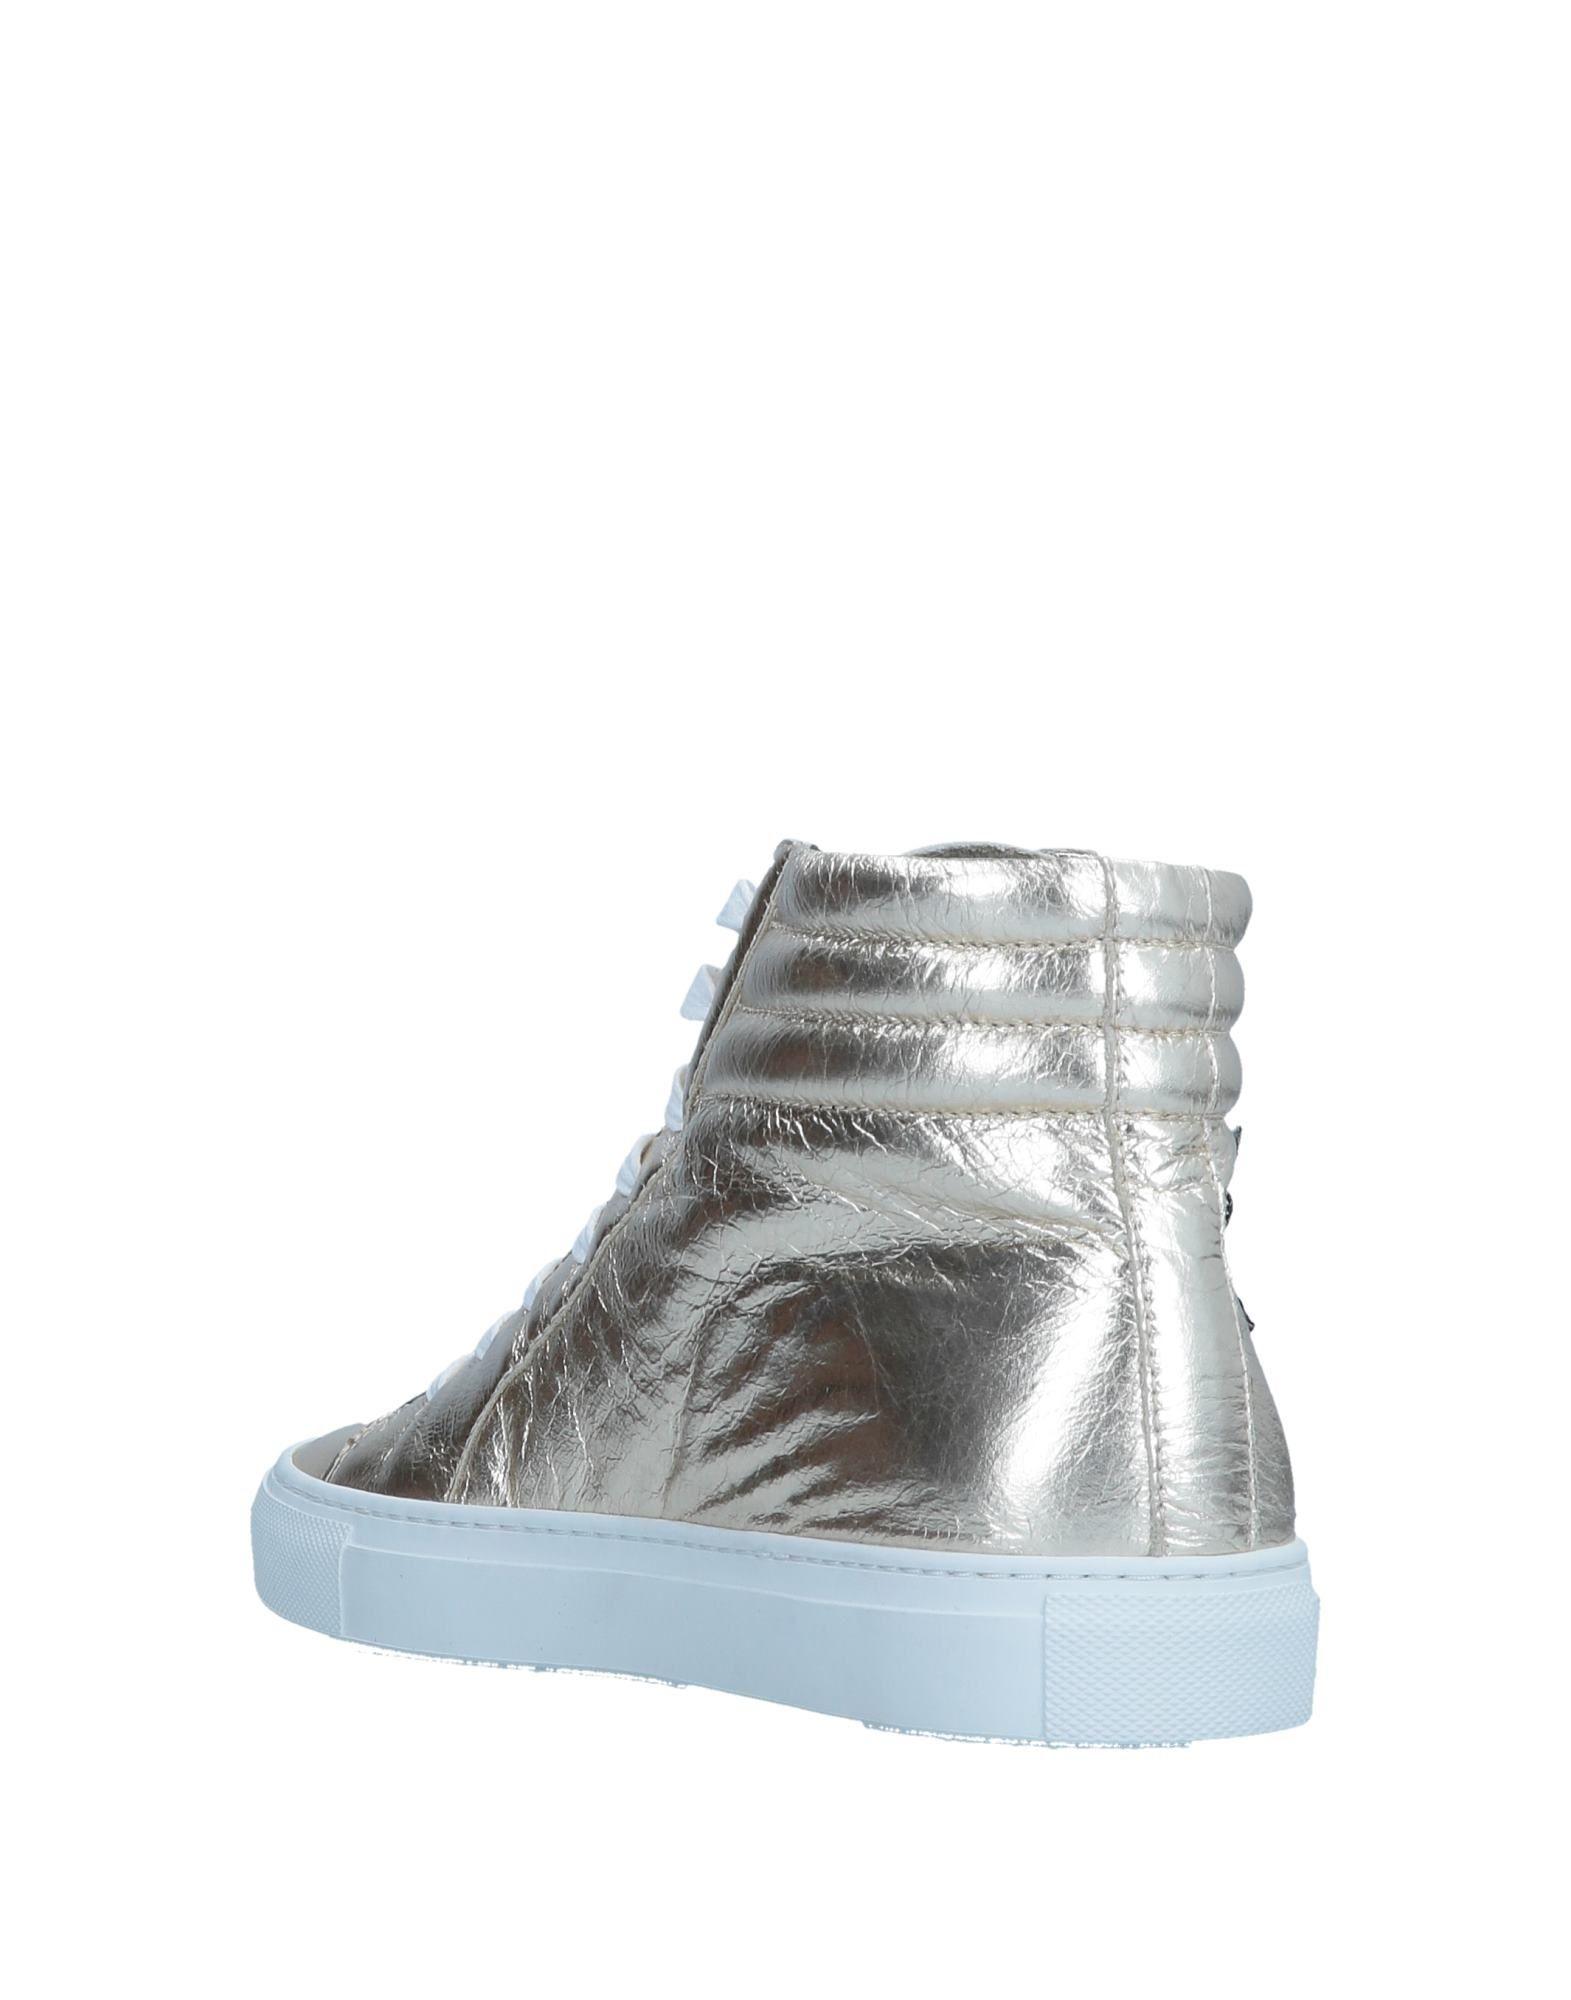 Om Sneakers Damen  11549566LH Schuhe Gute Qualität beliebte Schuhe 11549566LH d91ee8